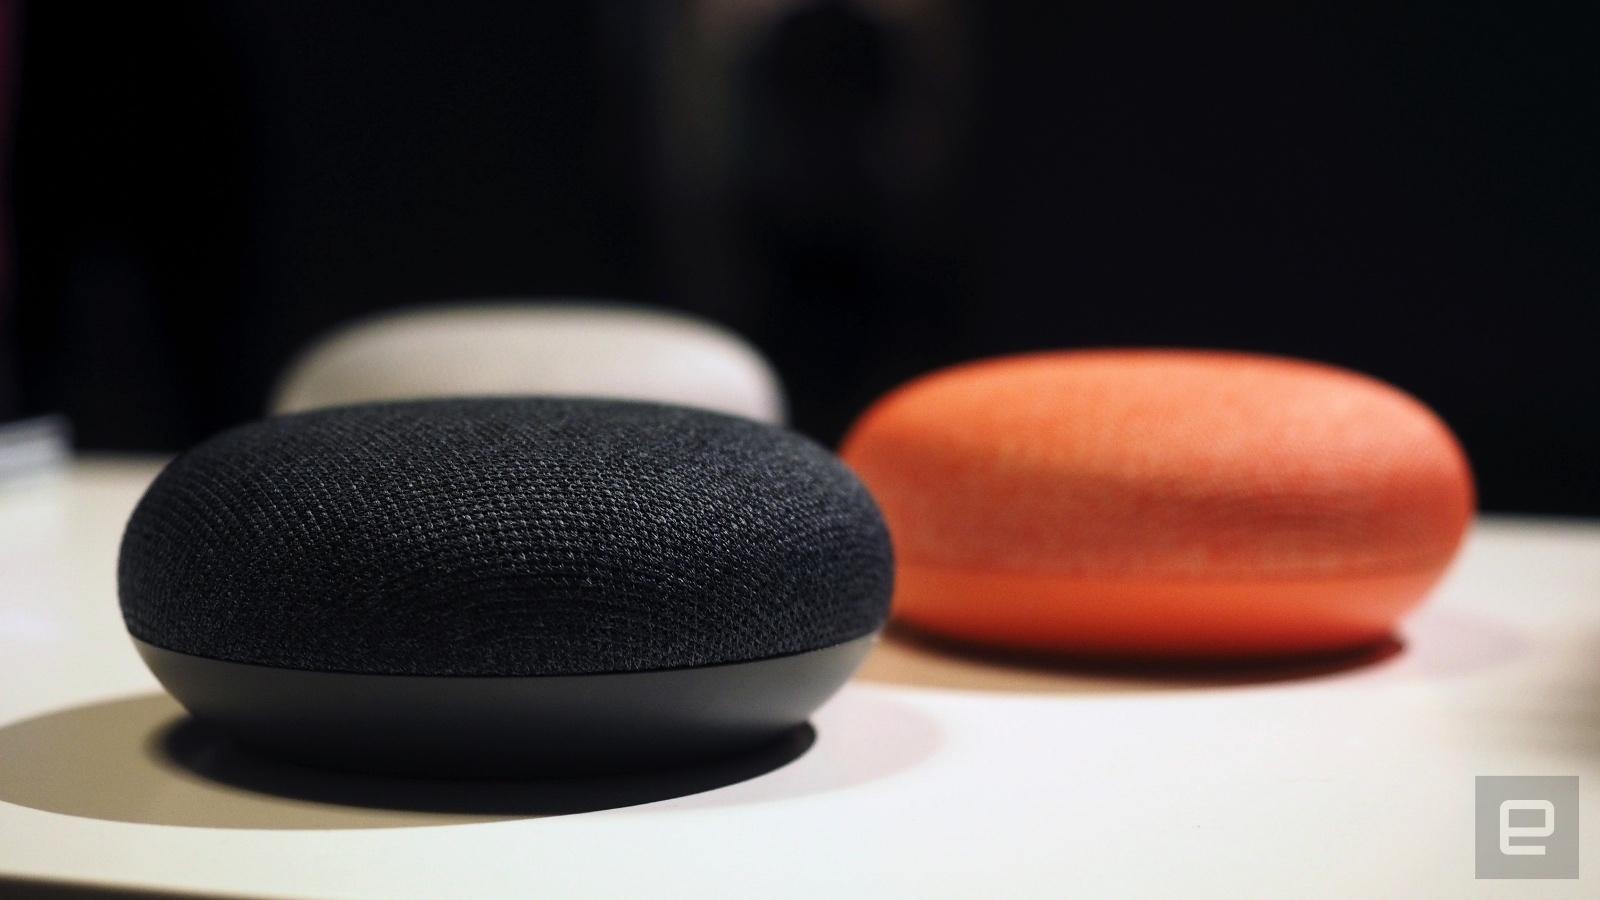 Google Home Mini: Alte Touch-Geste kehrt auf neuem Weg zurück